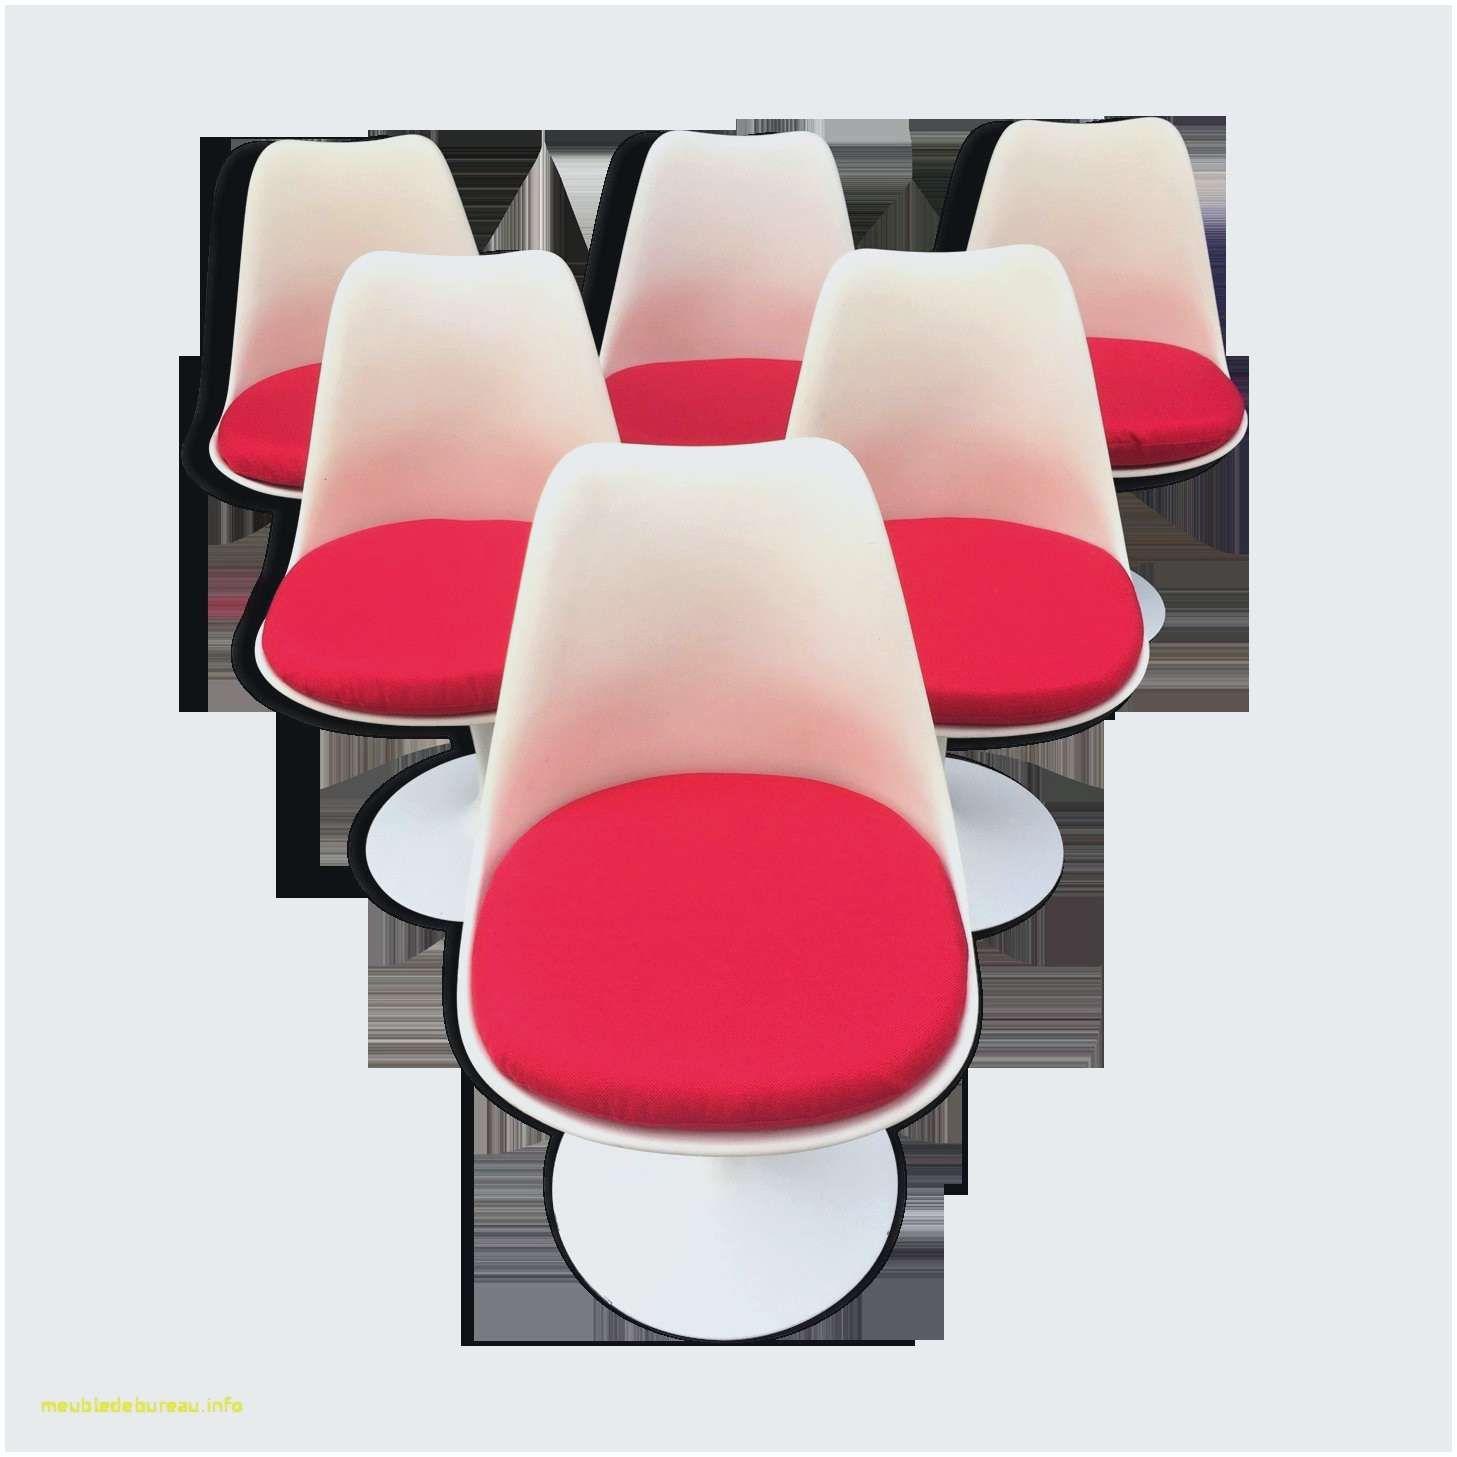 Housse De Couette But Housse De Couette But But Housse De Couette Beau Housse Tete De Lit Casastlcounty N Bureau Design Transforming Furniture Cool Furniture